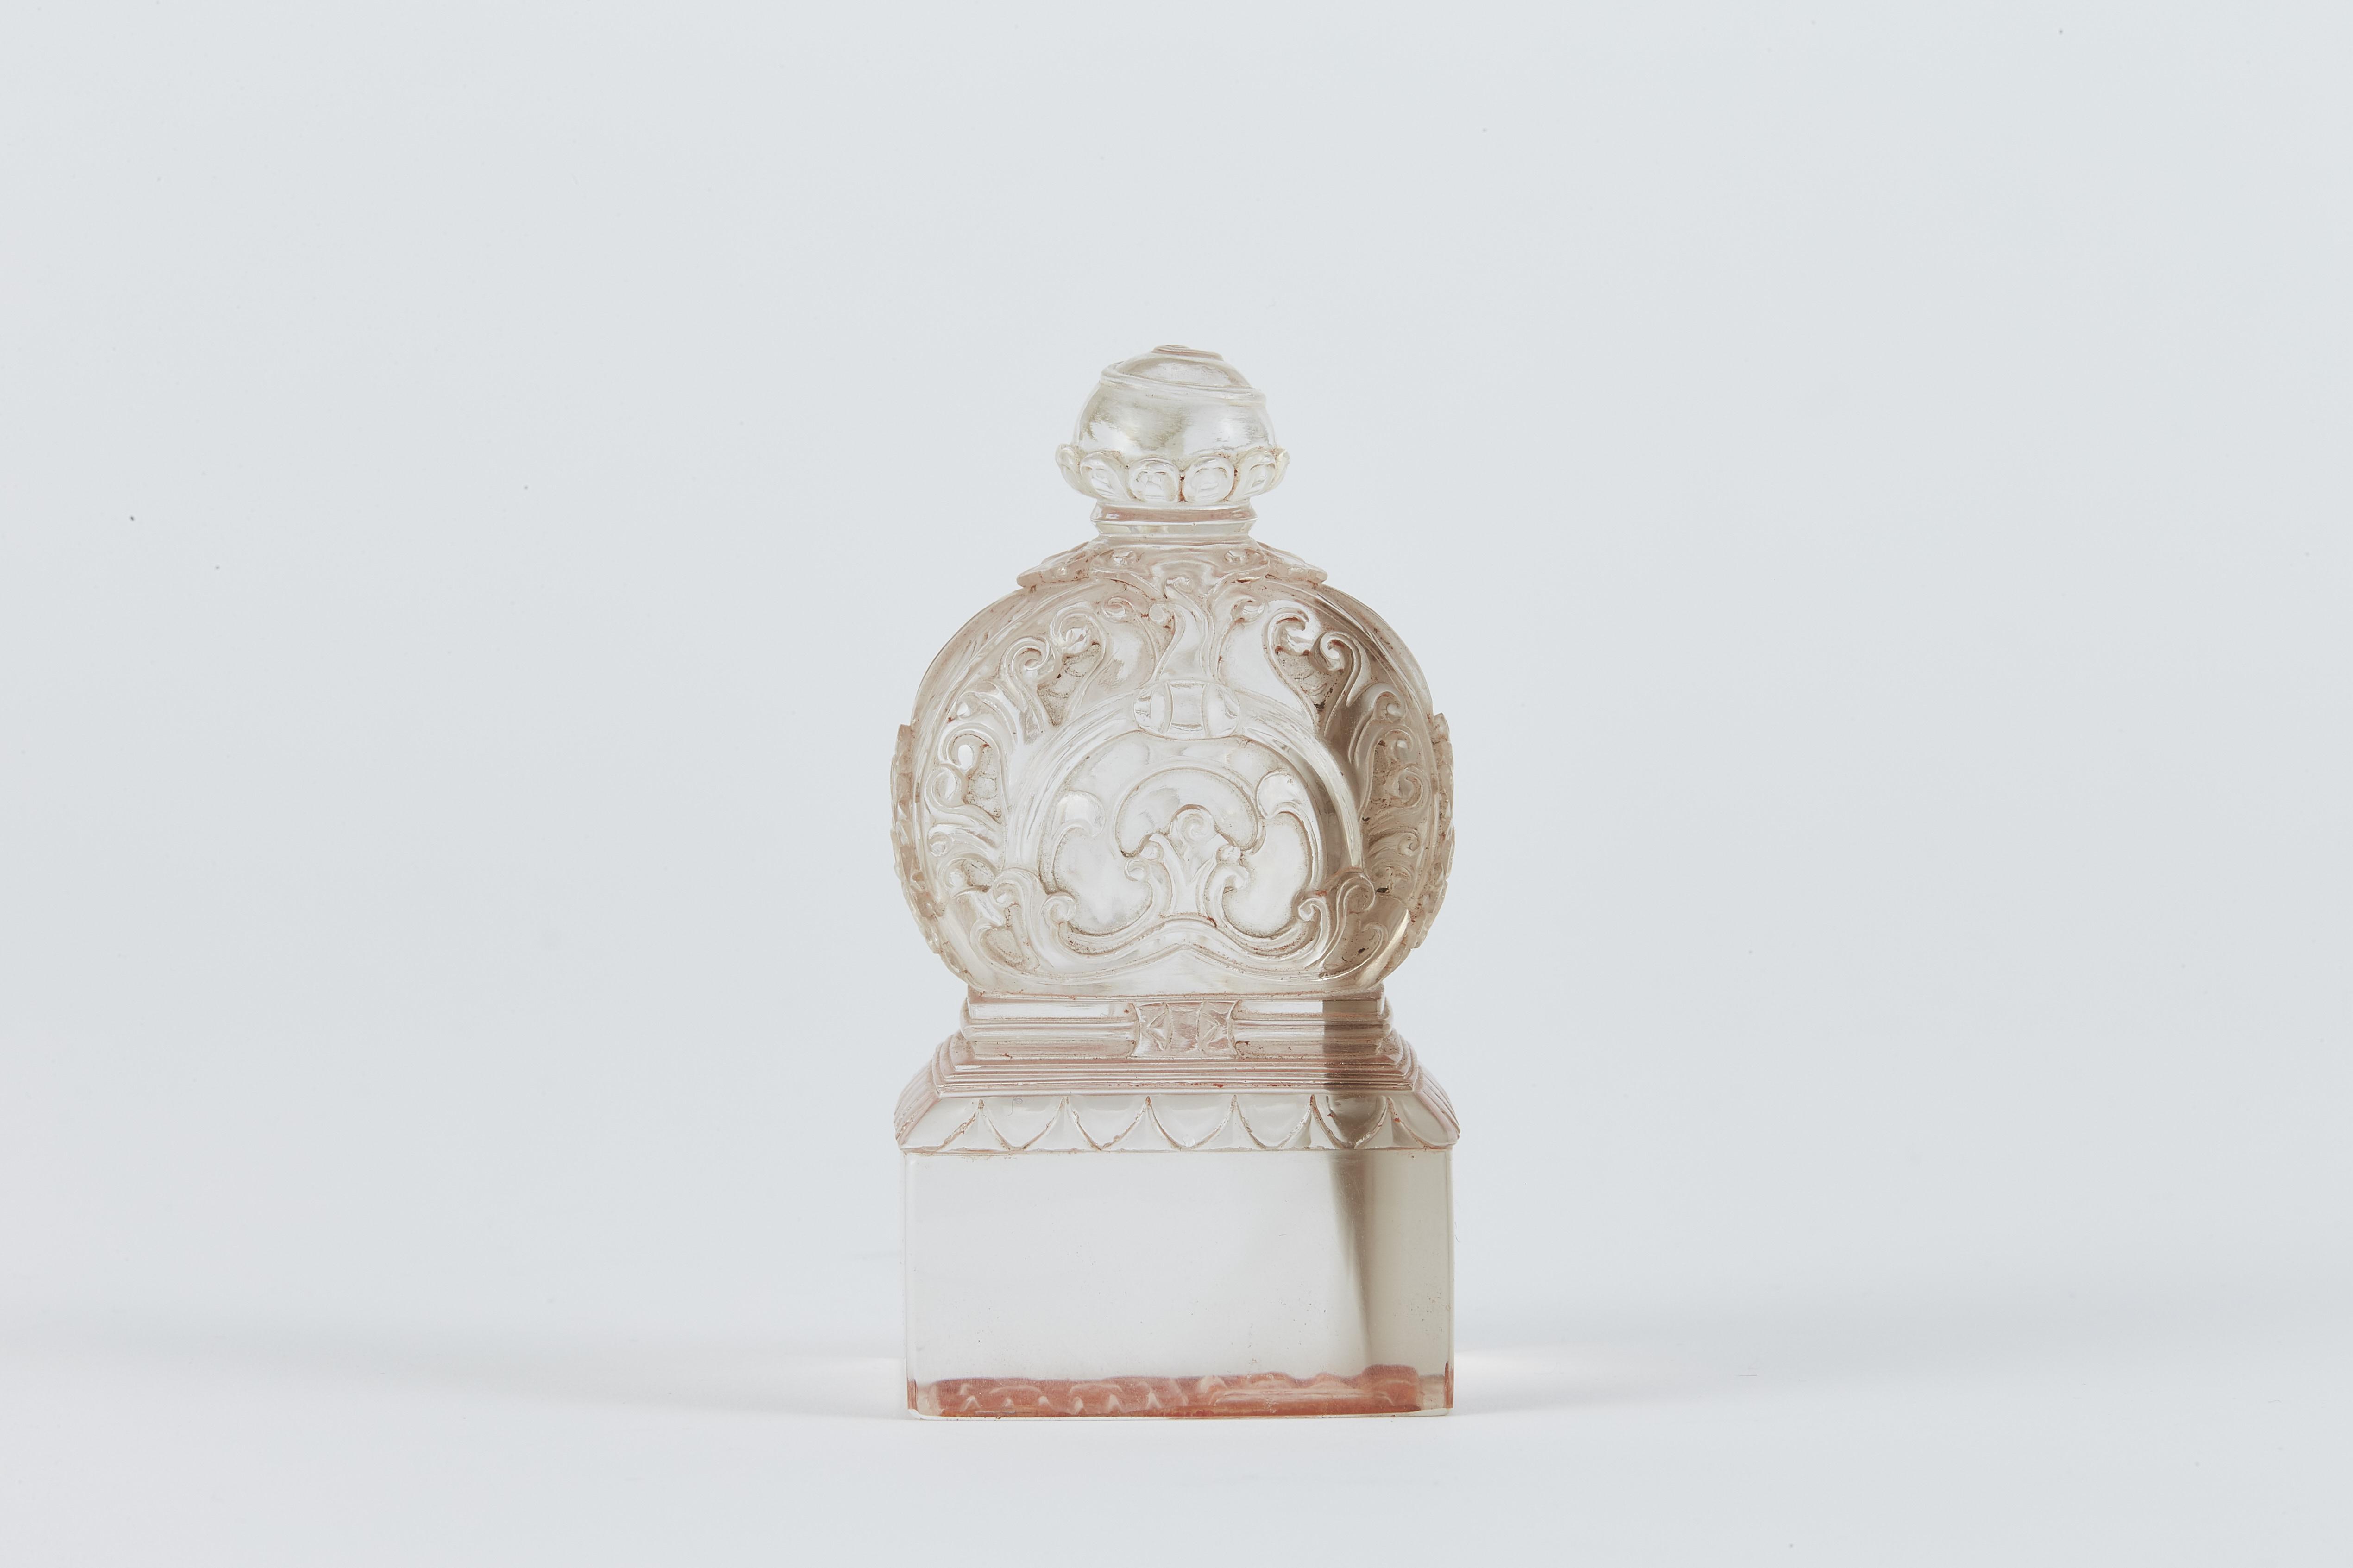 171240清 水晶雕 寶塔鈕 方印